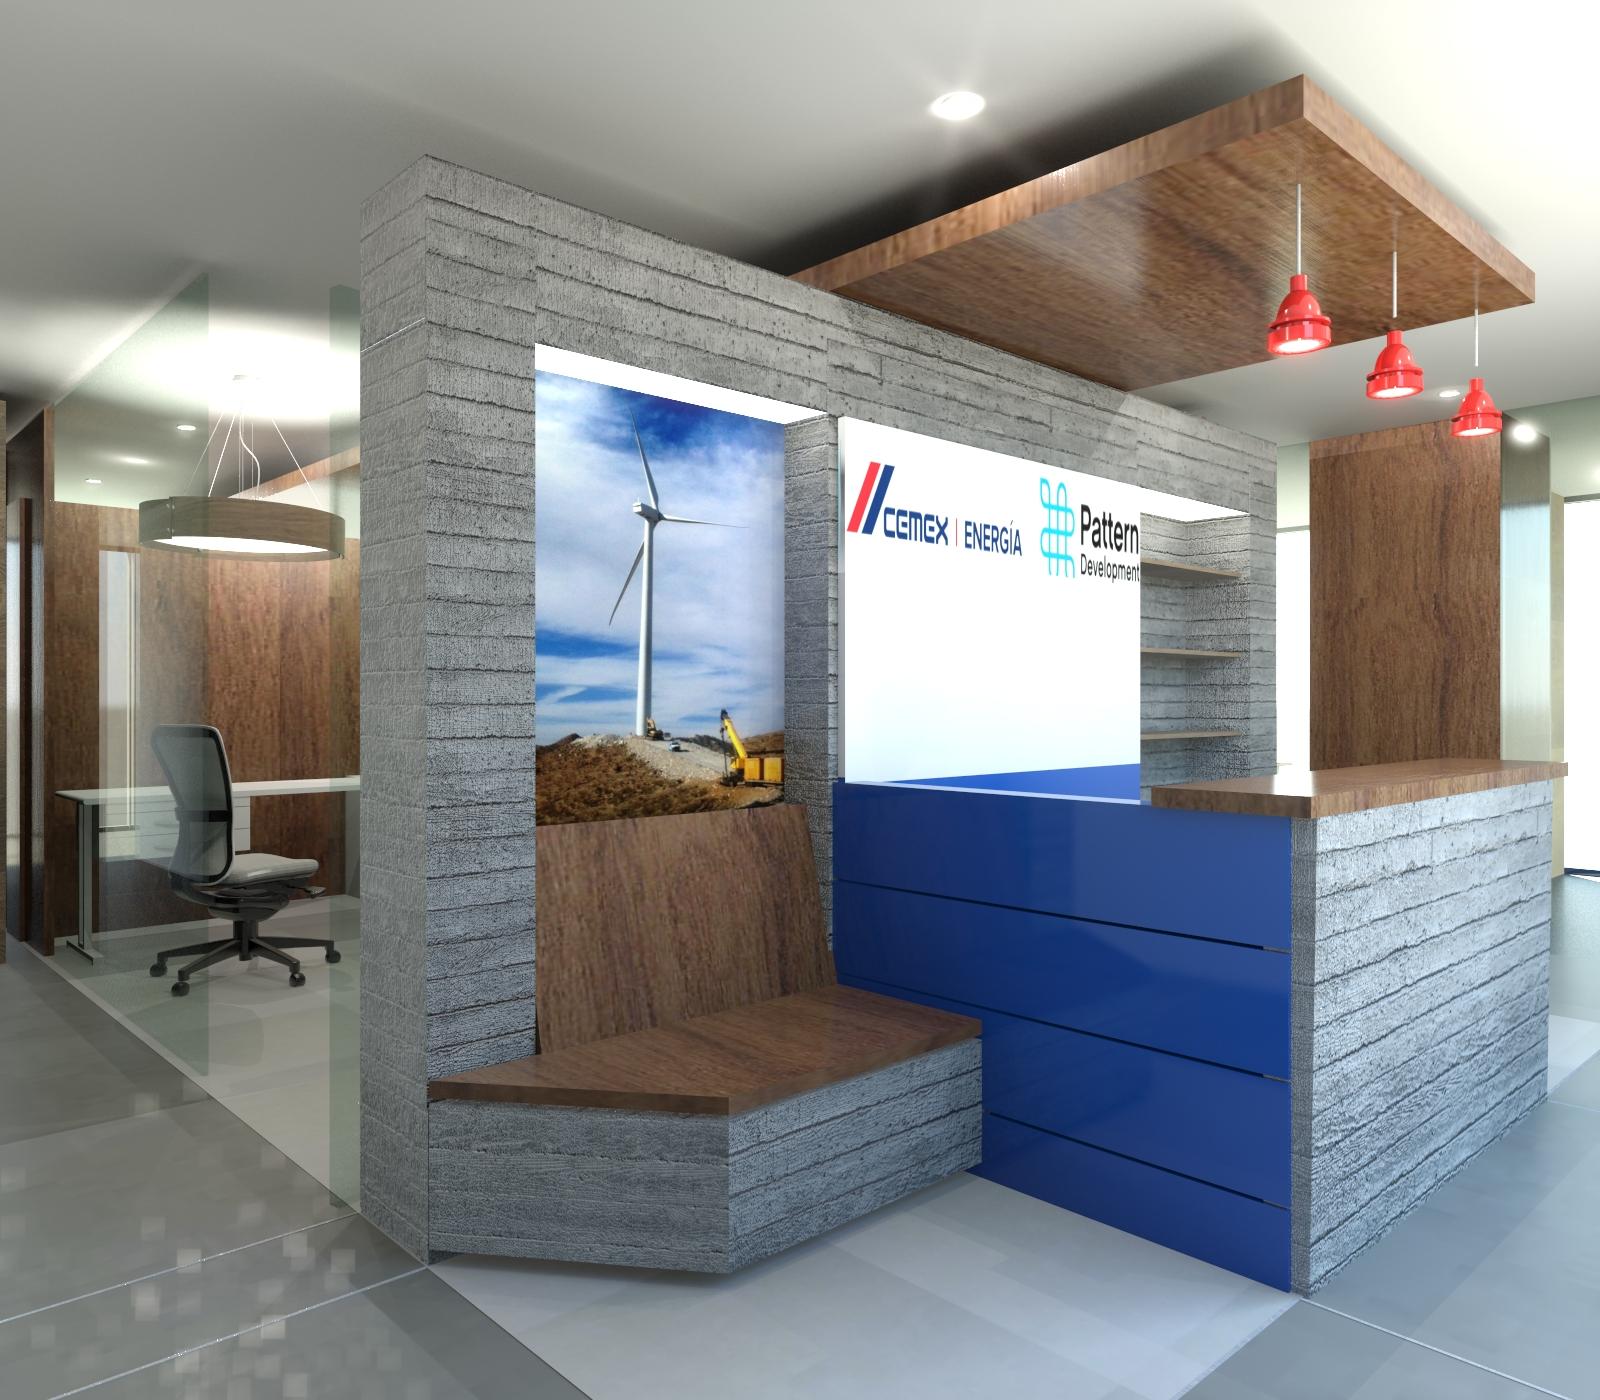 Dise o de interiores de oficinas grupo mobilart for Paginas de diseno de interiores